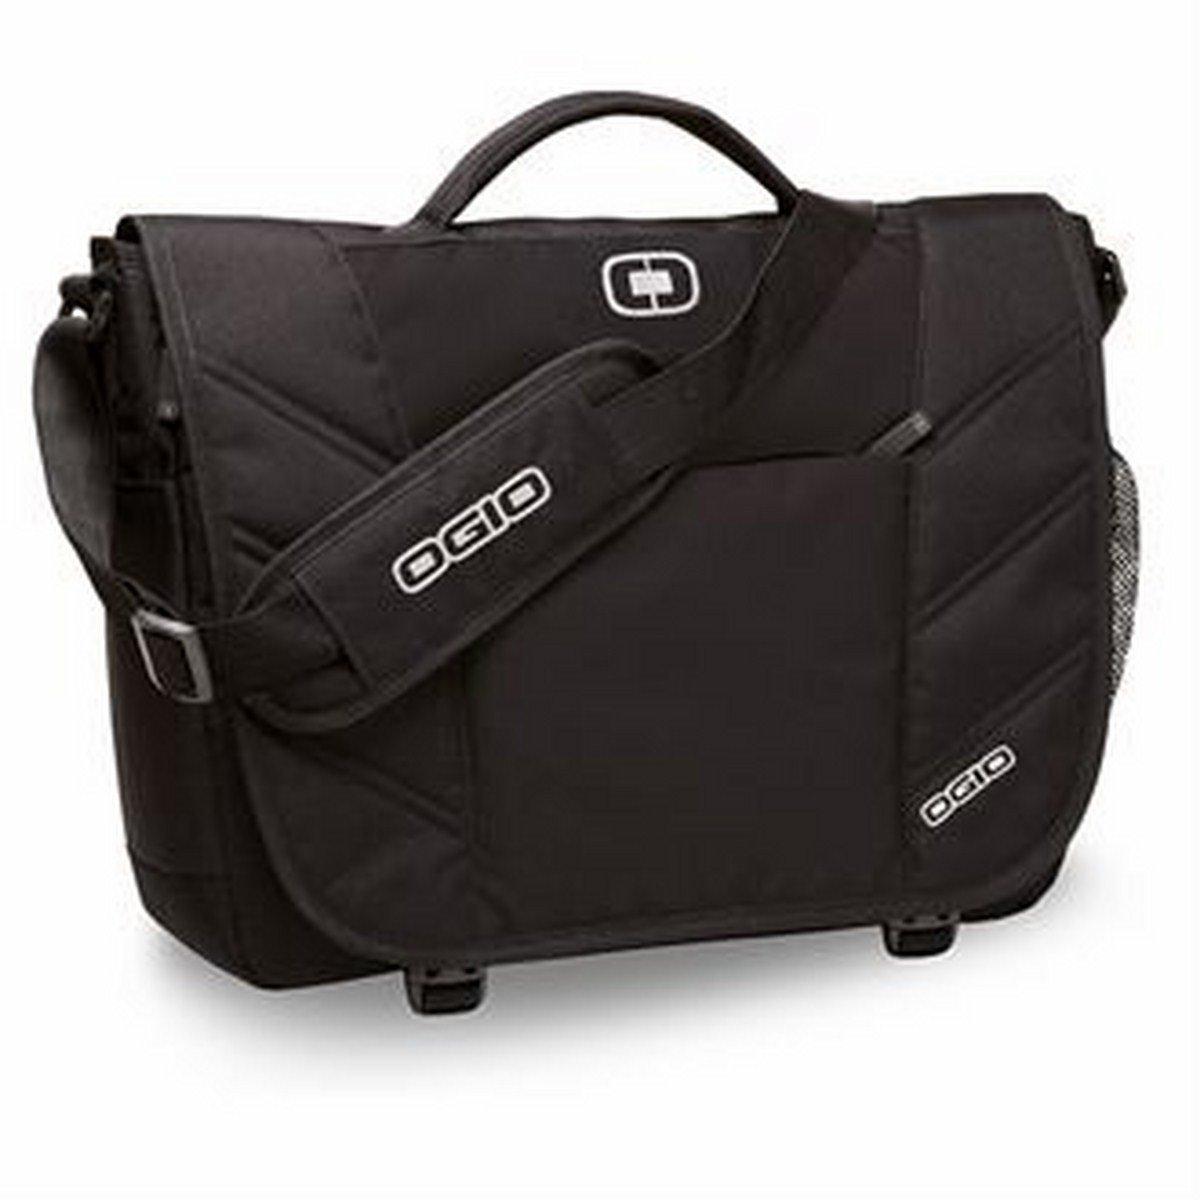 OGIO 417015 - Black Upton Computer Laptop Messenger Bag/Briefcase, Black